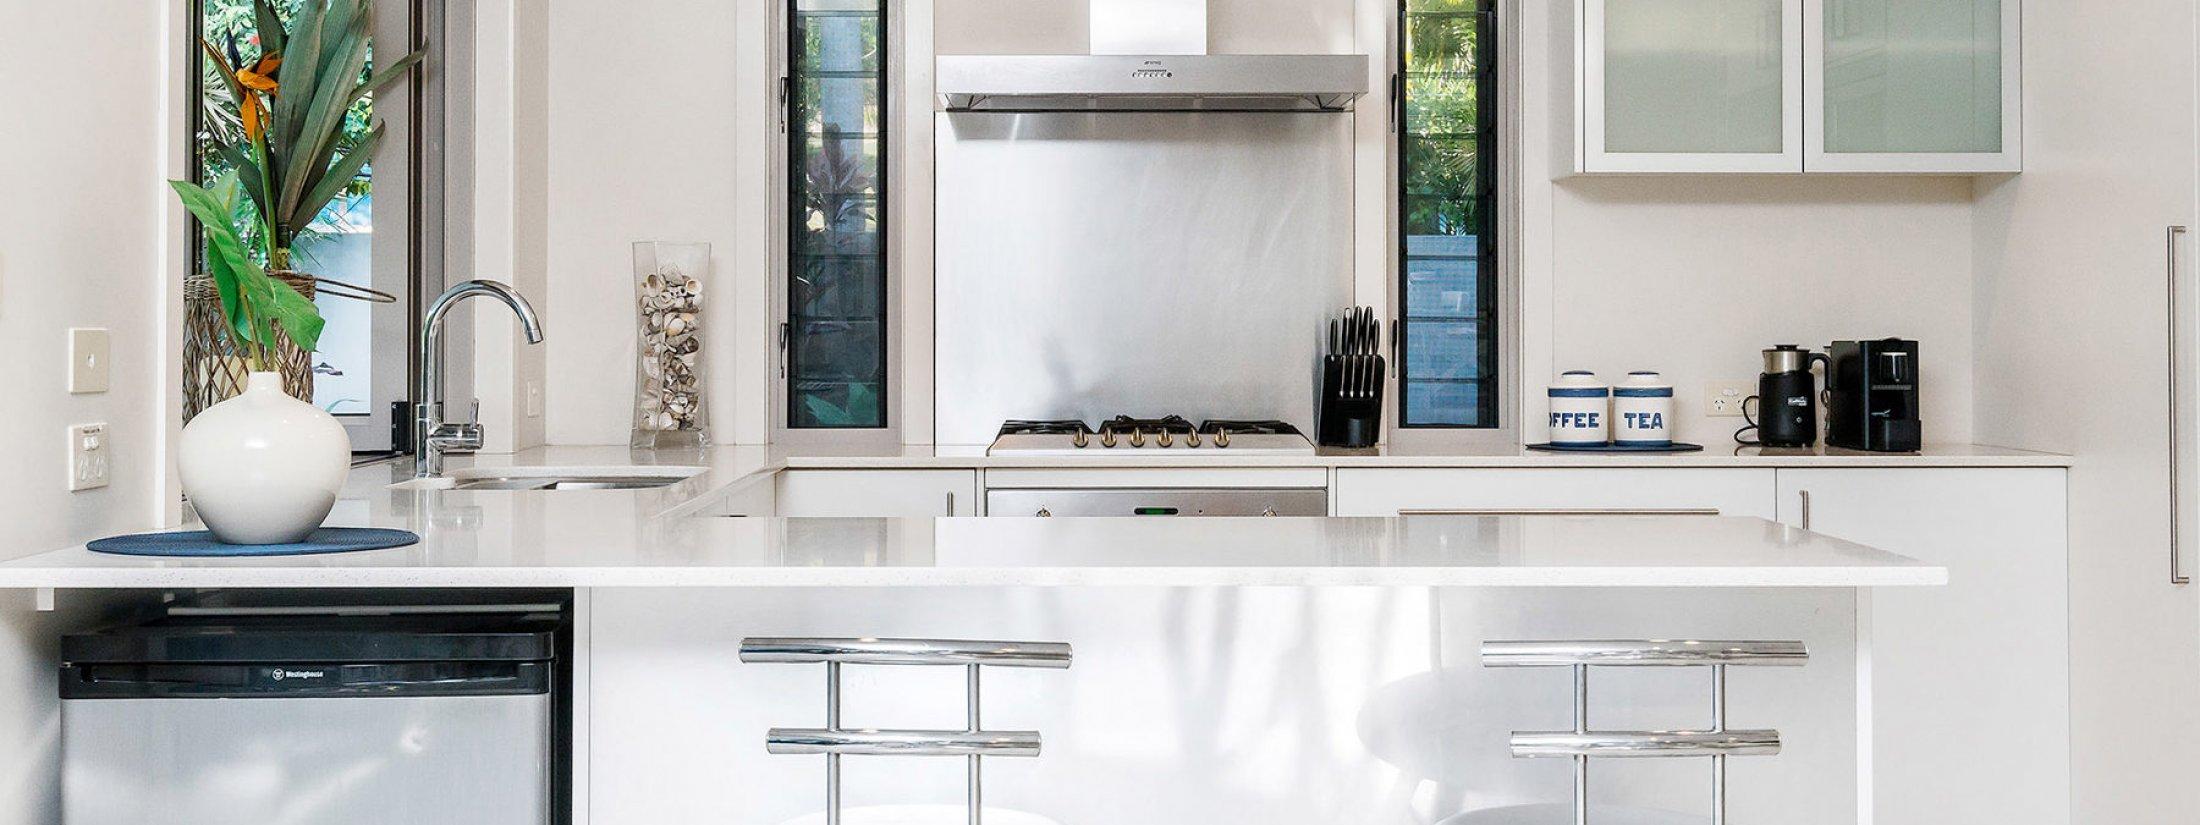 Byron Beach Style - Byron Bay - Kitchen